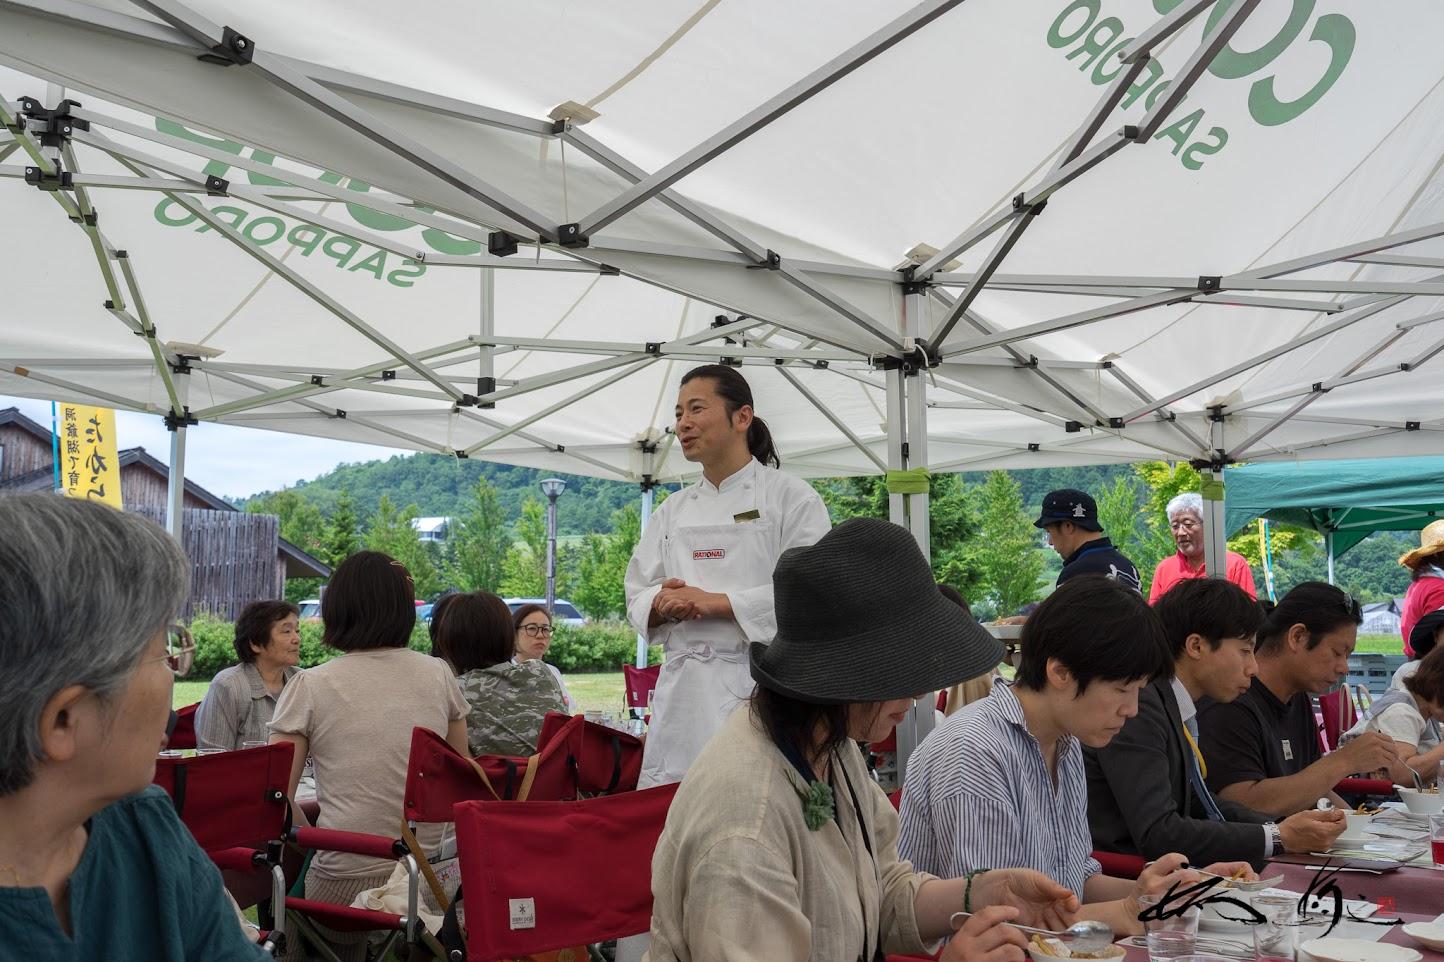 宮の森ミュージアムガーデン(札幌市)の田口智也総料理長